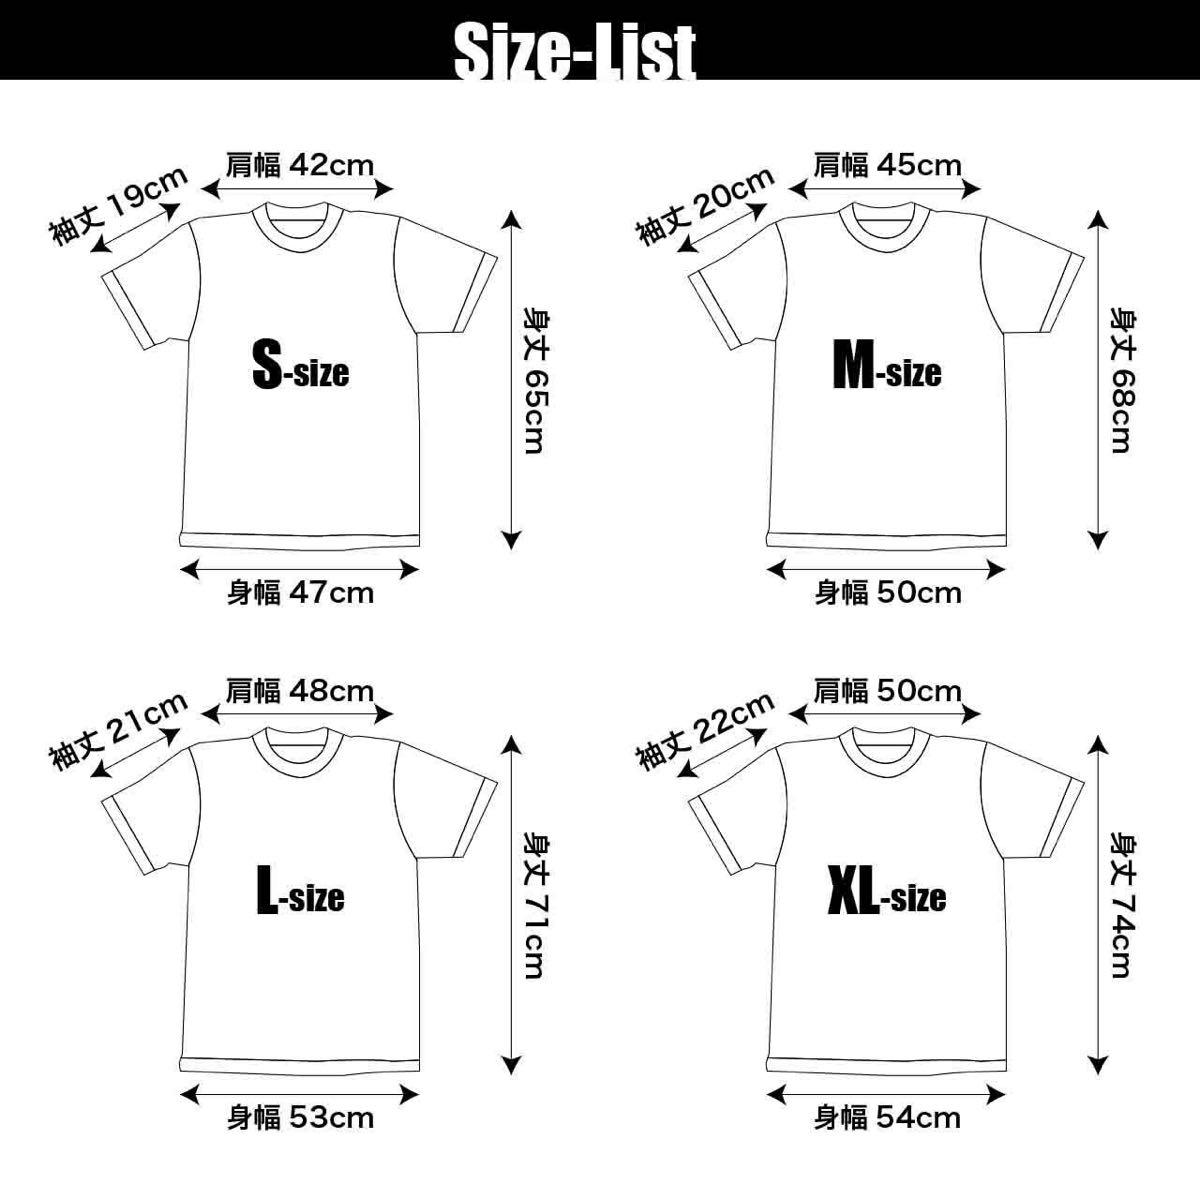 新品 マイクタイソン Tシャツ S M L XL ボクシング モハメドアリ 大きい ビッグ オーバー サイズ XXL 3XL 4XL 5XL ロンT 長袖 黒 対応 可能_画像9